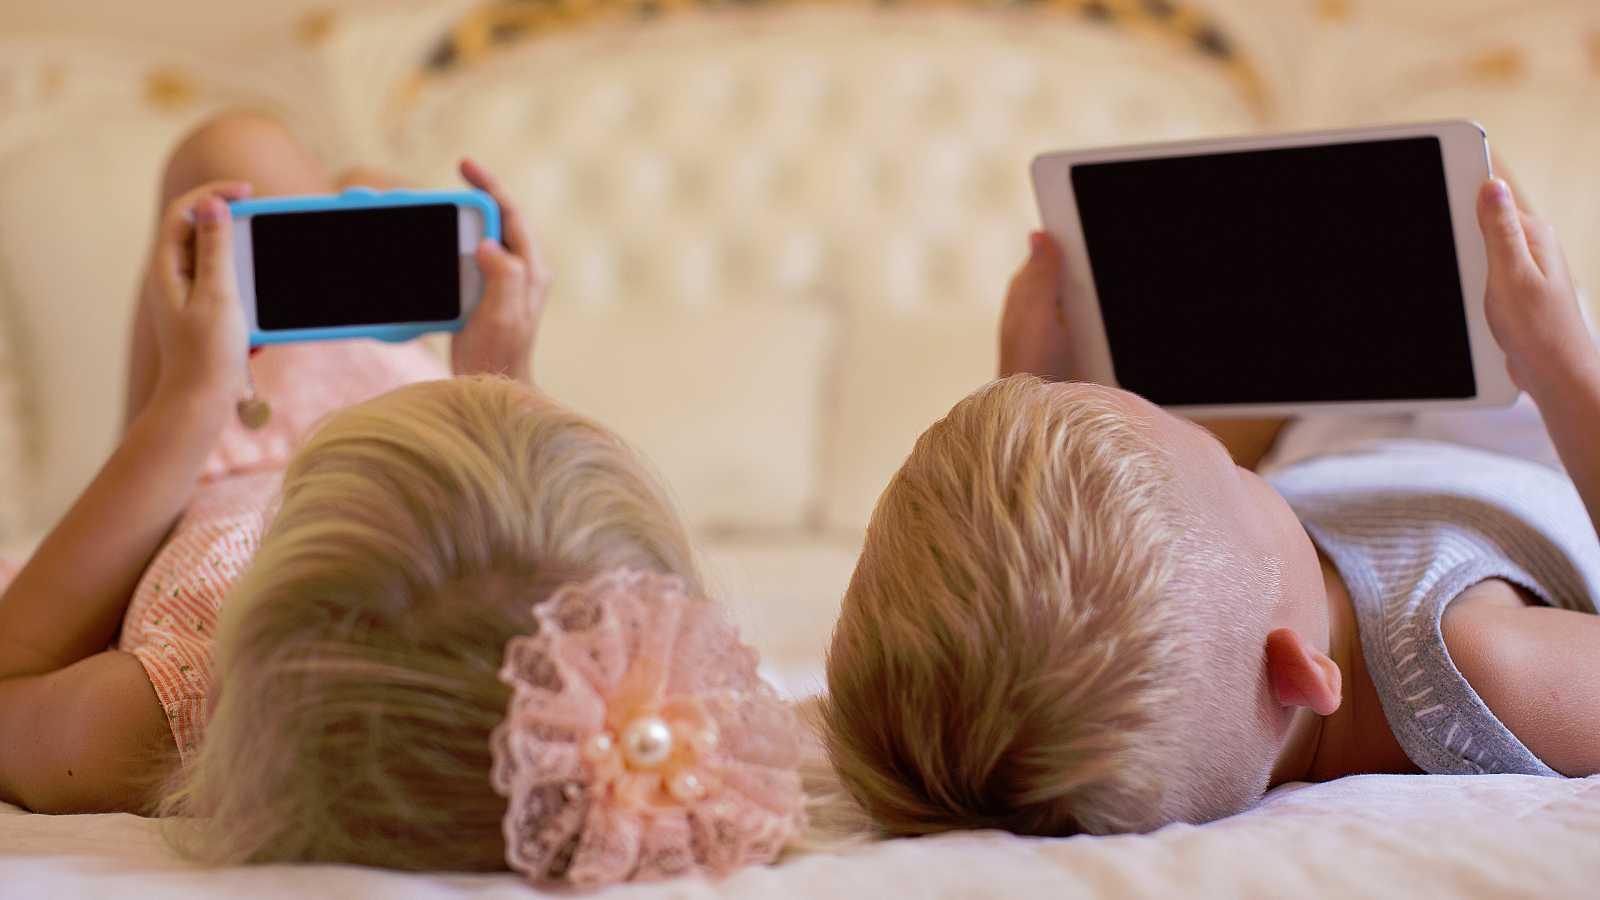 La Organización Mundial de la Salud (OMS) ha publicado una serie de pautas en las que recomienda que los niños menores de cinco años no pasen más de una hora al día ante una pantalla, mientras que desaconsejan completamente este uso en el caso de los